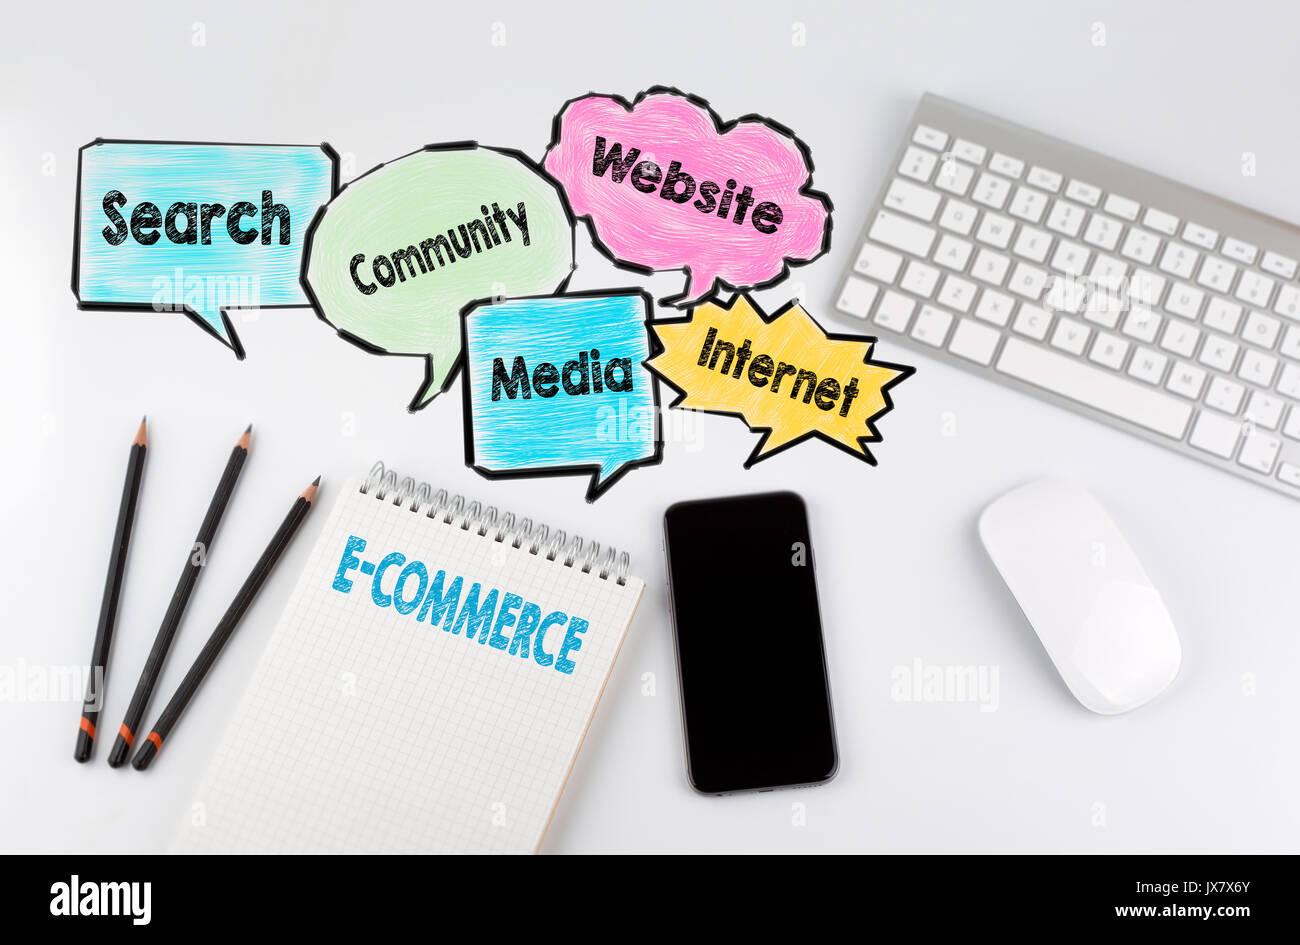 Hochwertig E Commerce, Hintergrund Konzept. Büro Schreibtisch Tisch Mit Computer,  Smartphone Und Notebook.